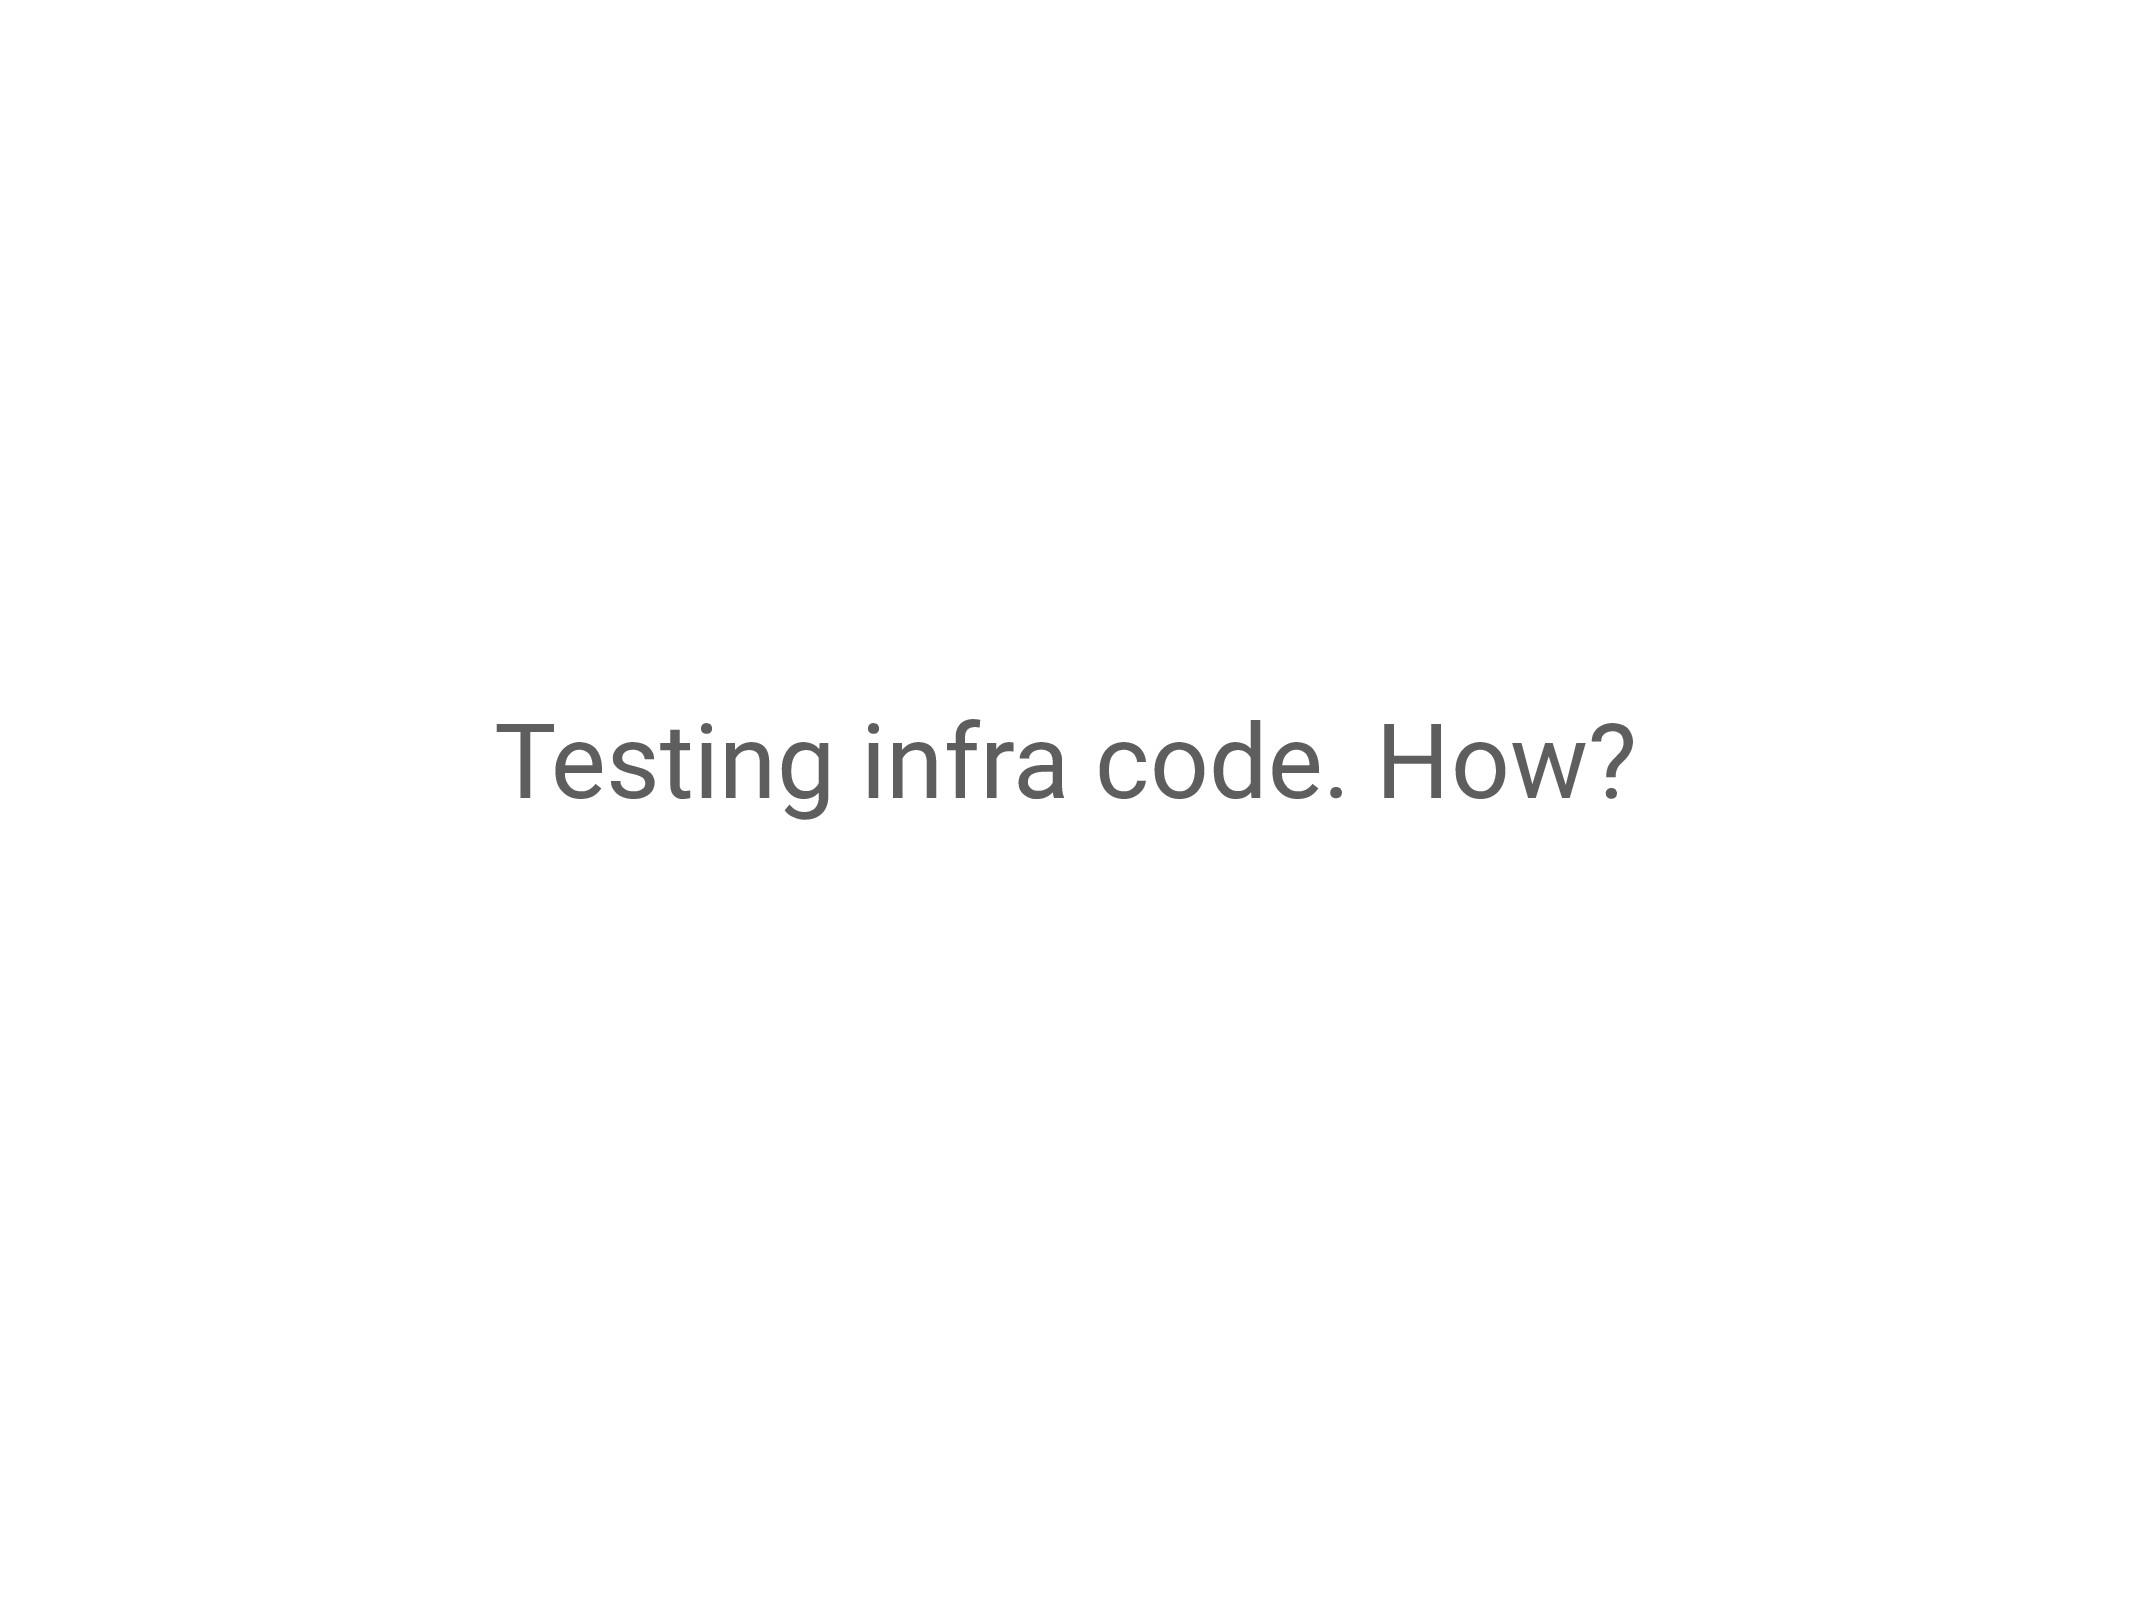 Testing infra code. How?